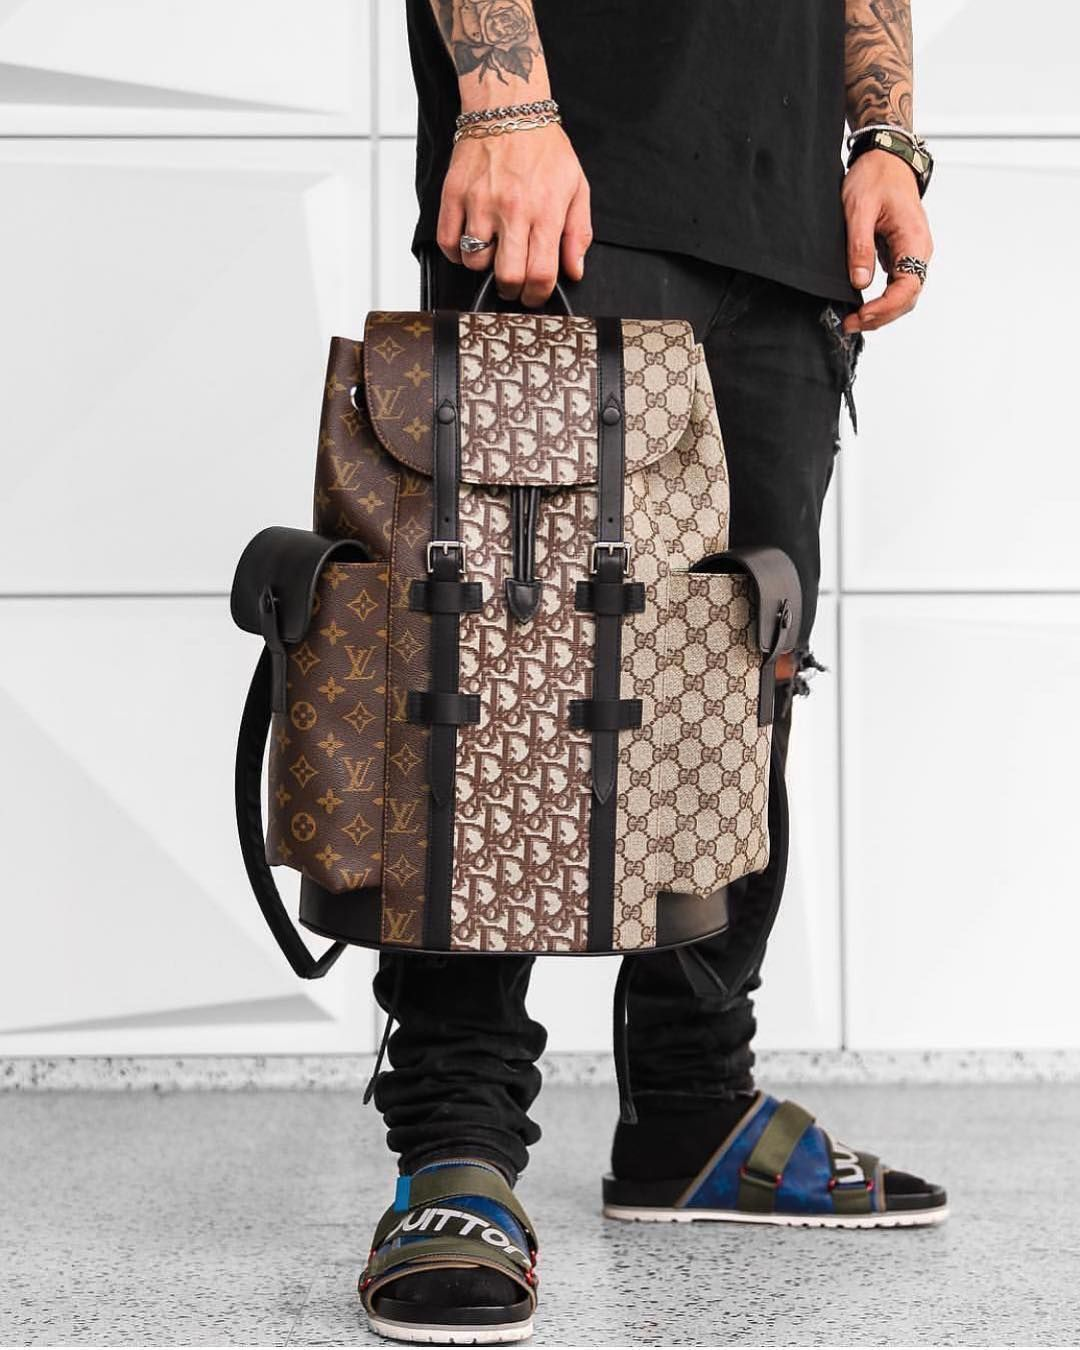 Vogue Luxury Lifestyle On Instagram Custom Mix Designer Backpack Louisvuitton Dior Gucci Louisvuitton Lv Rare Clothing Fashion Designer Backpacks